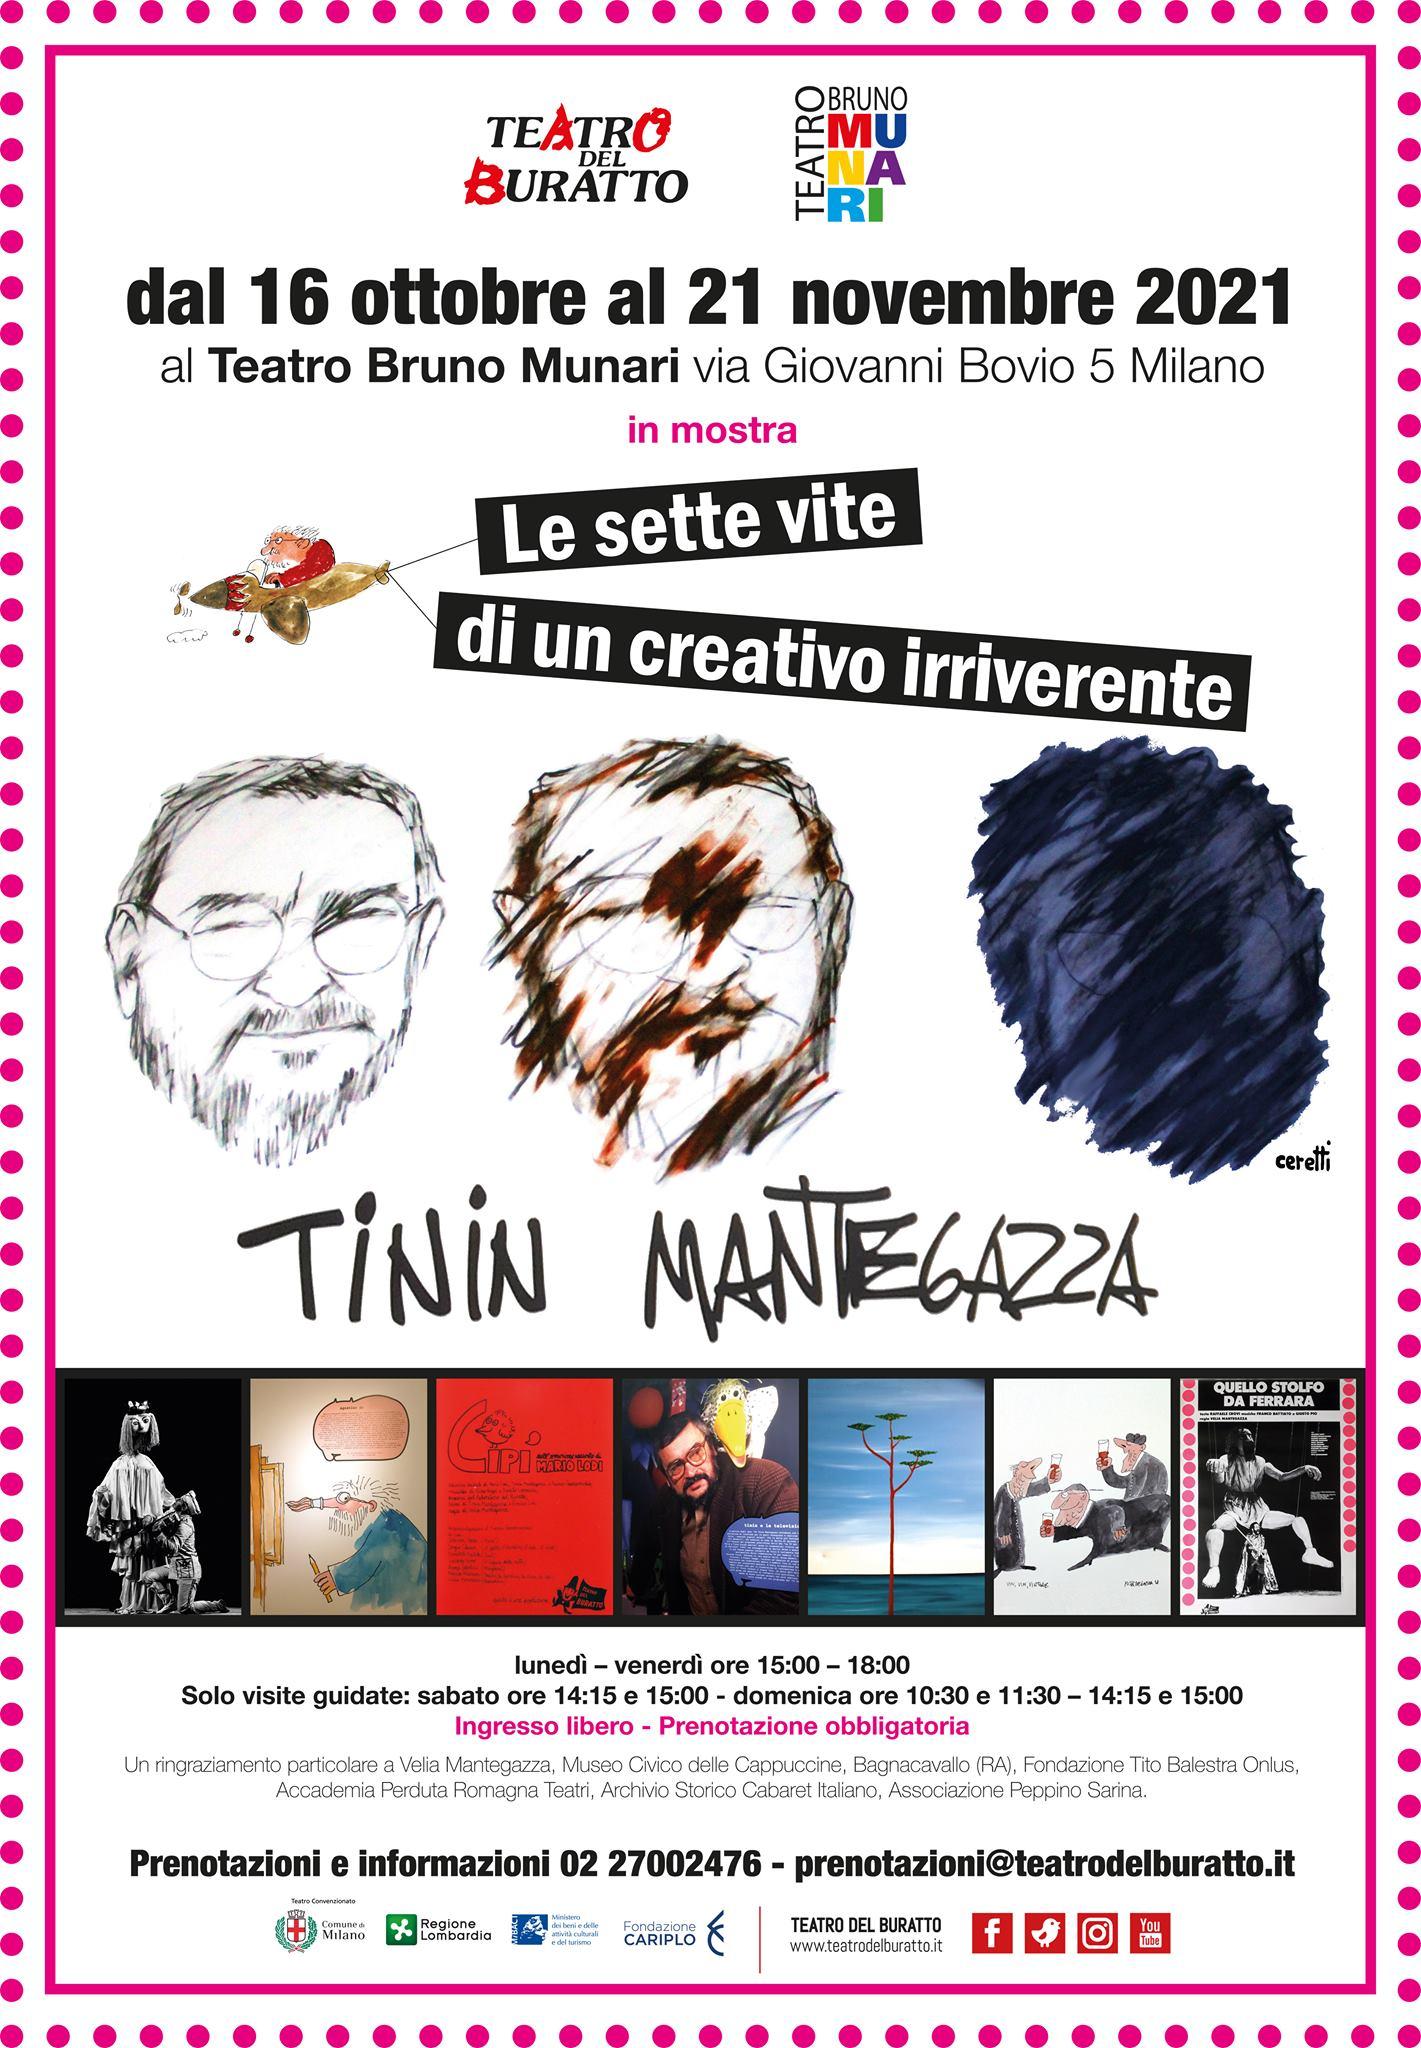 Milano Isola - Teatro del Buratto - Teatro Verdi - Teatro Bruno Munari